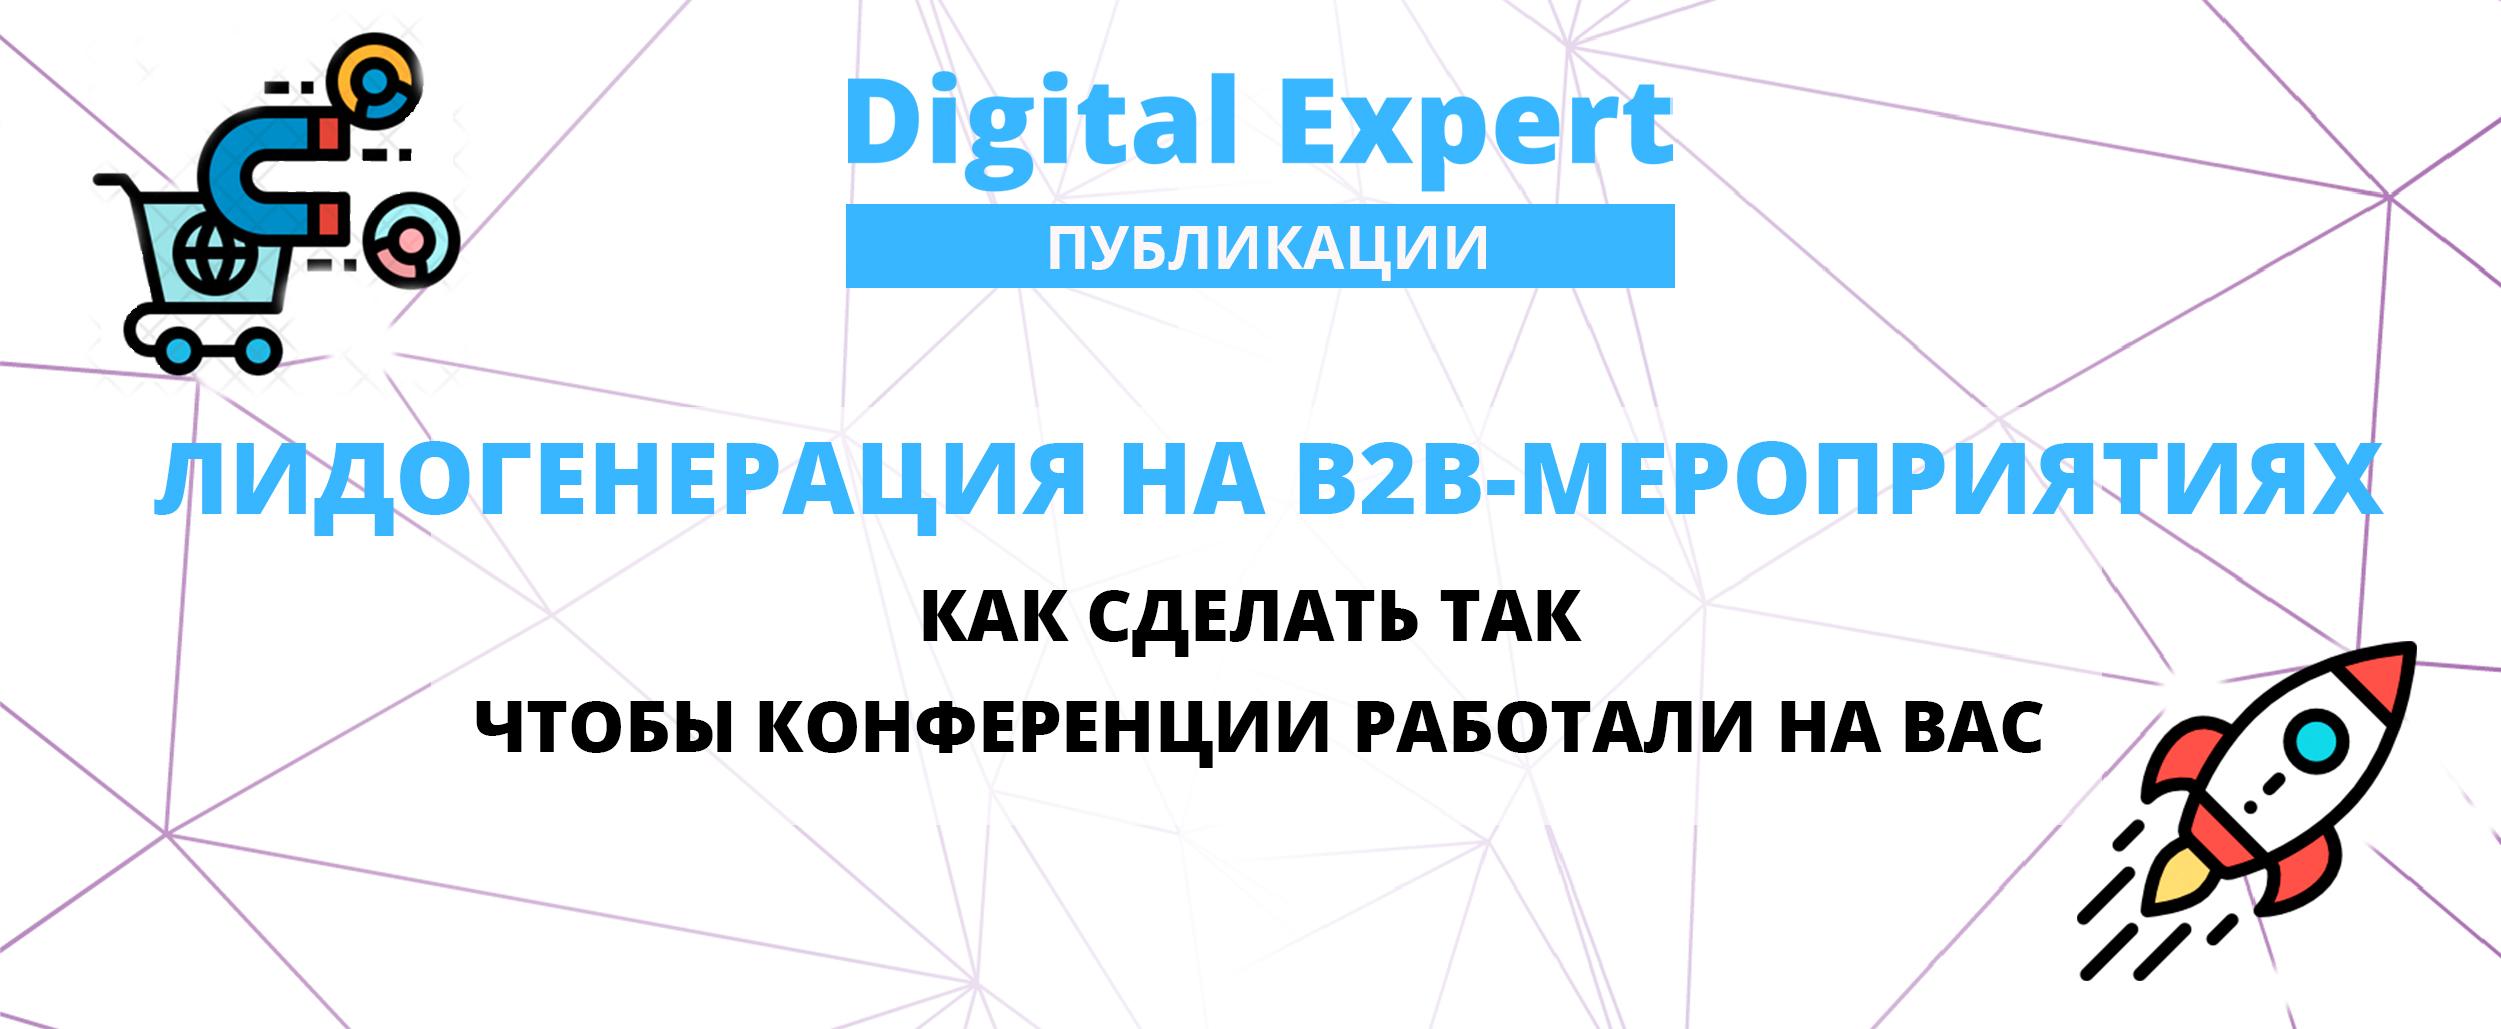 Лидогенерация на B2B-мероприятиях : методы поиска, привлечения потенциальных клиентов в b2b